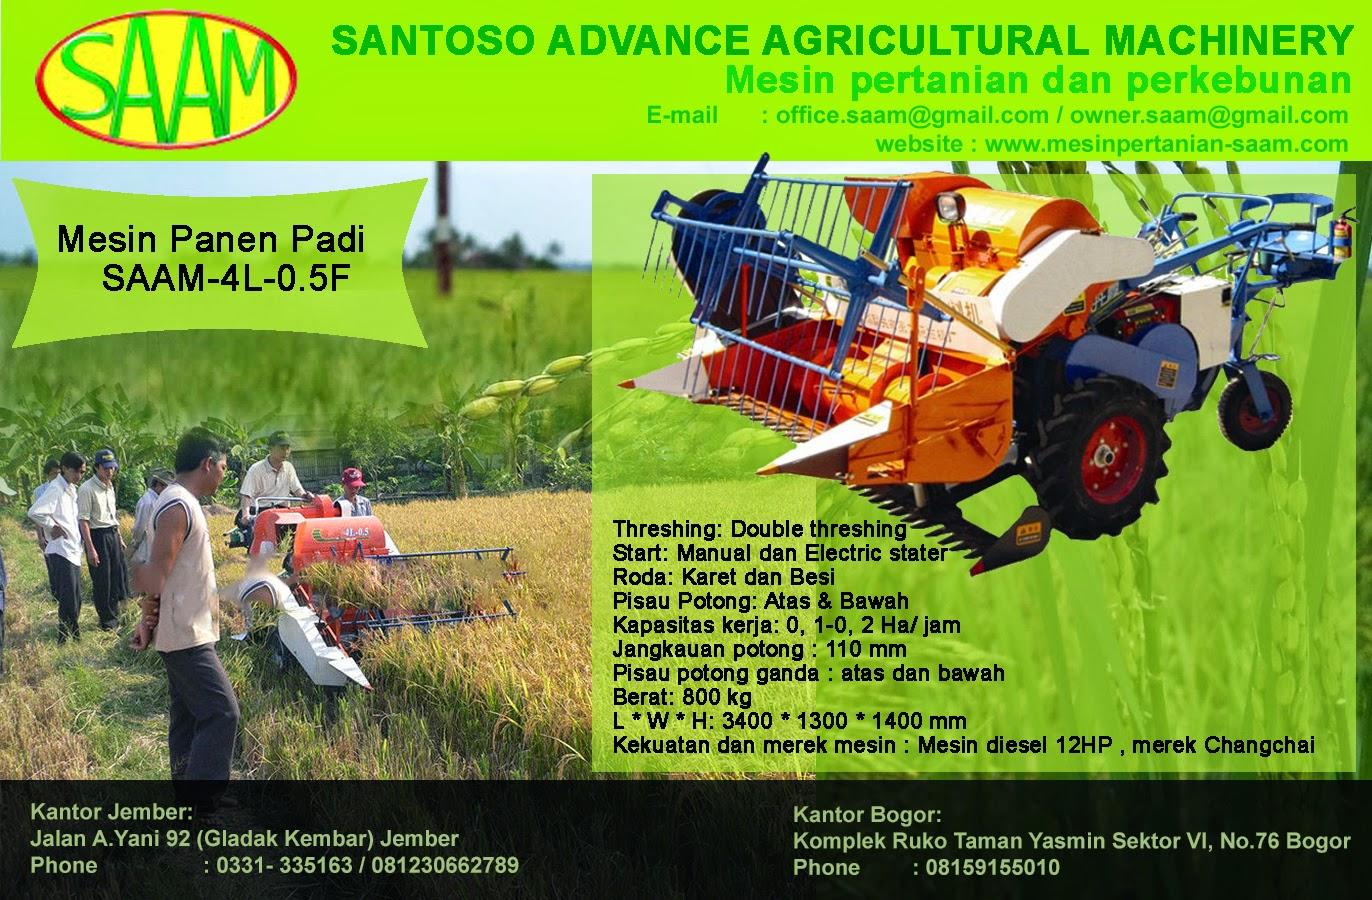 Mesin Panen Padi Mini Rice Combine Harvester Saam 4l 05f Paket Tudung 1 Pisau Dan Gearcase Kekuatan 168 12hp Electric Stater